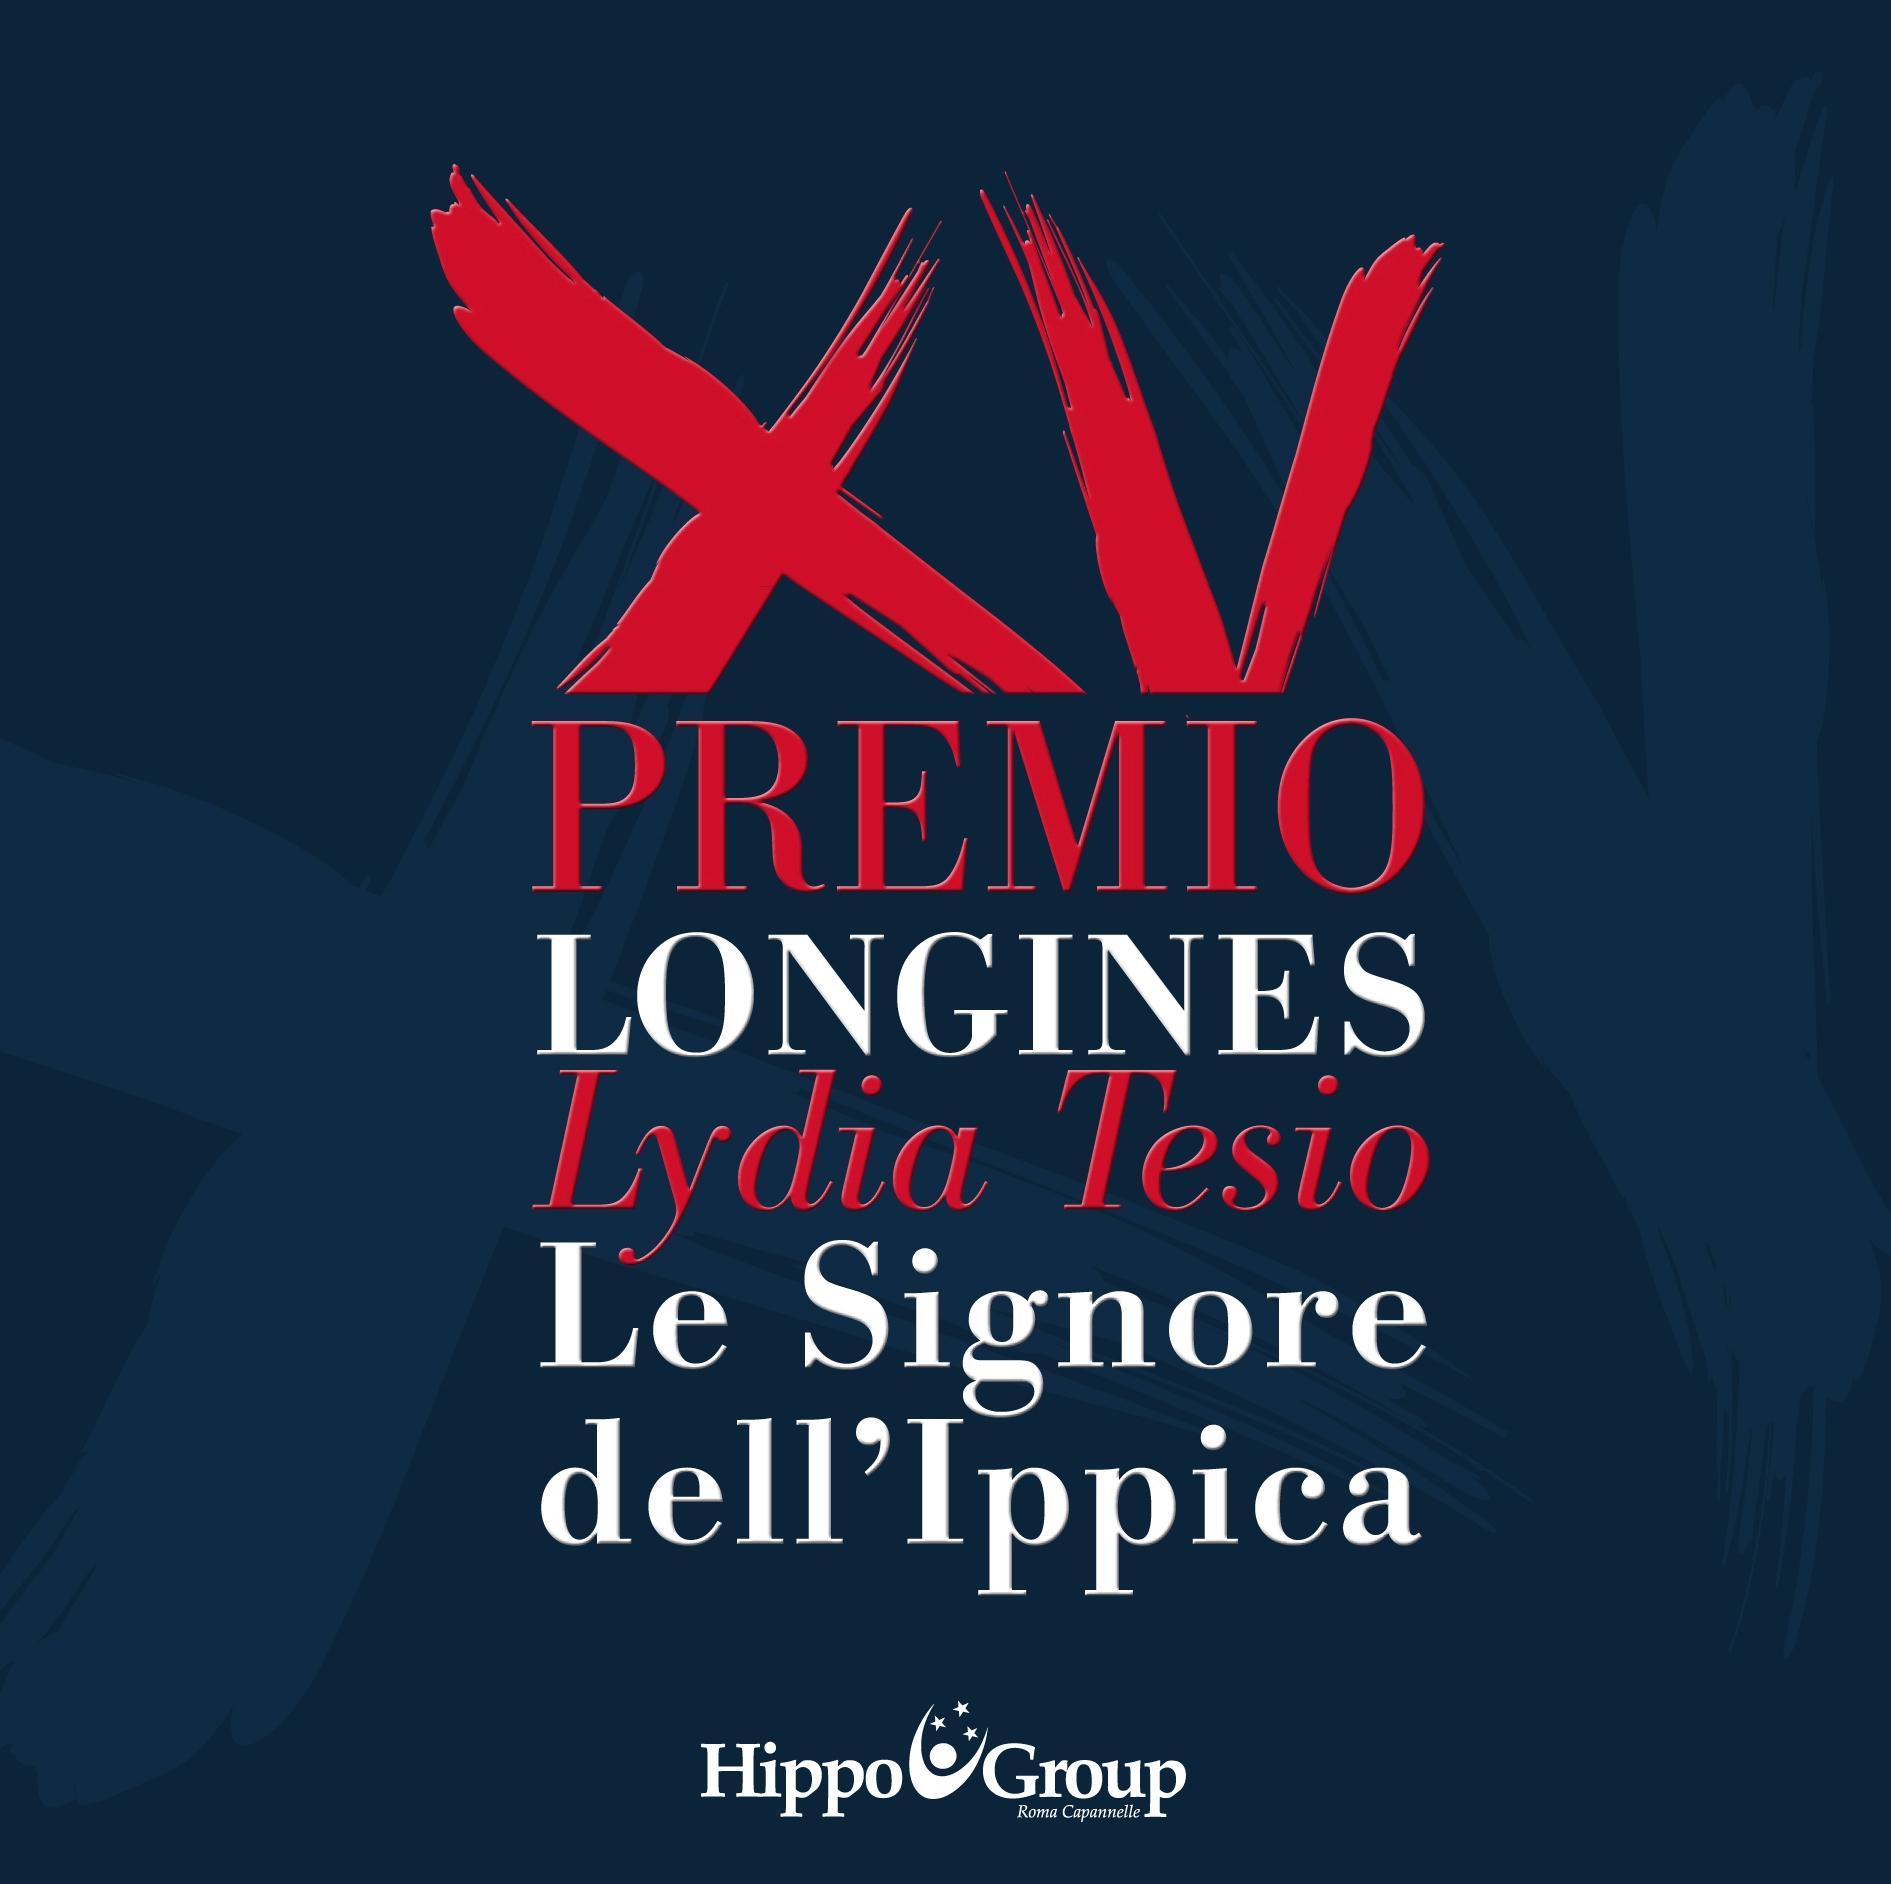 PREMIO LONGINES – LE SIGNORE DELL'IPPICA: XV EDIZIONE